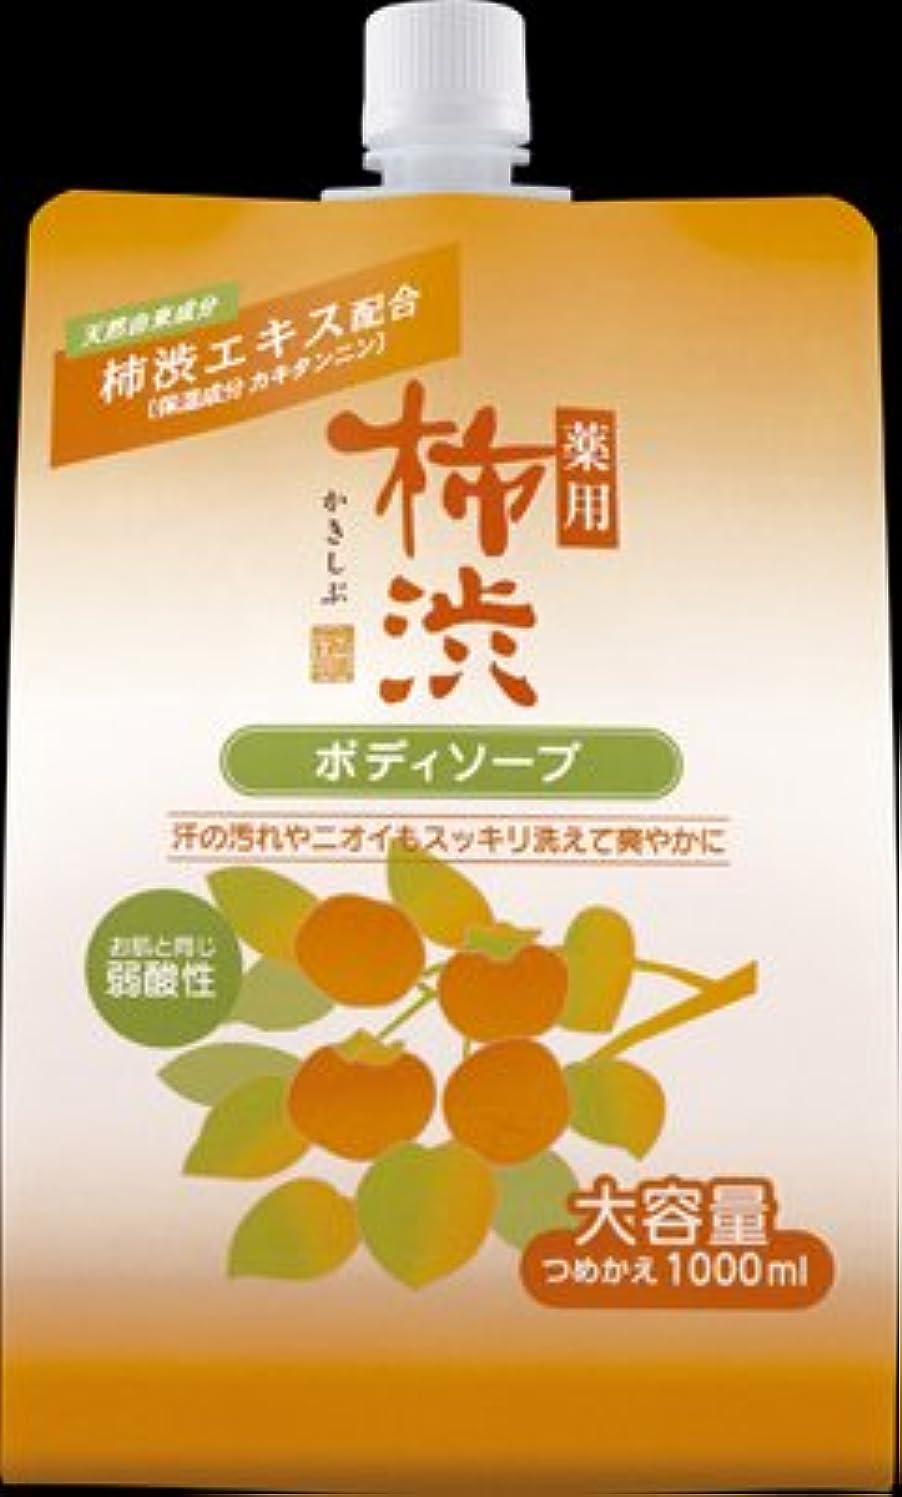 必要としている扇動決めます熊野油脂 薬用柿渋ボディソープ 1000ML つめかえ用×10点セット